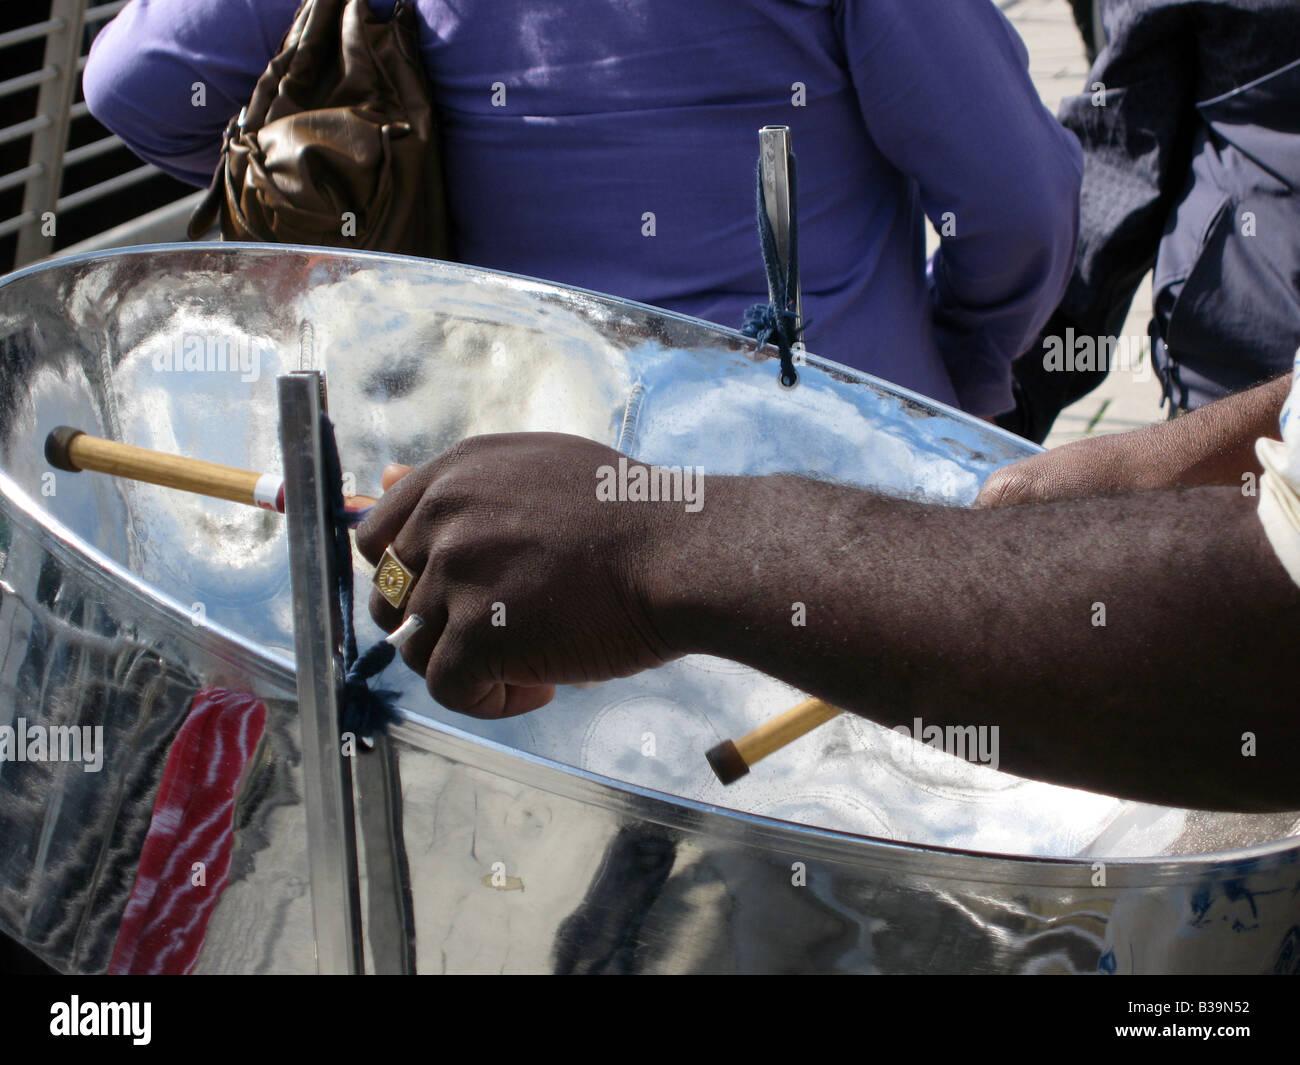 Steel Drum Player on London's Golden Jubilee Bridge - Stock Image